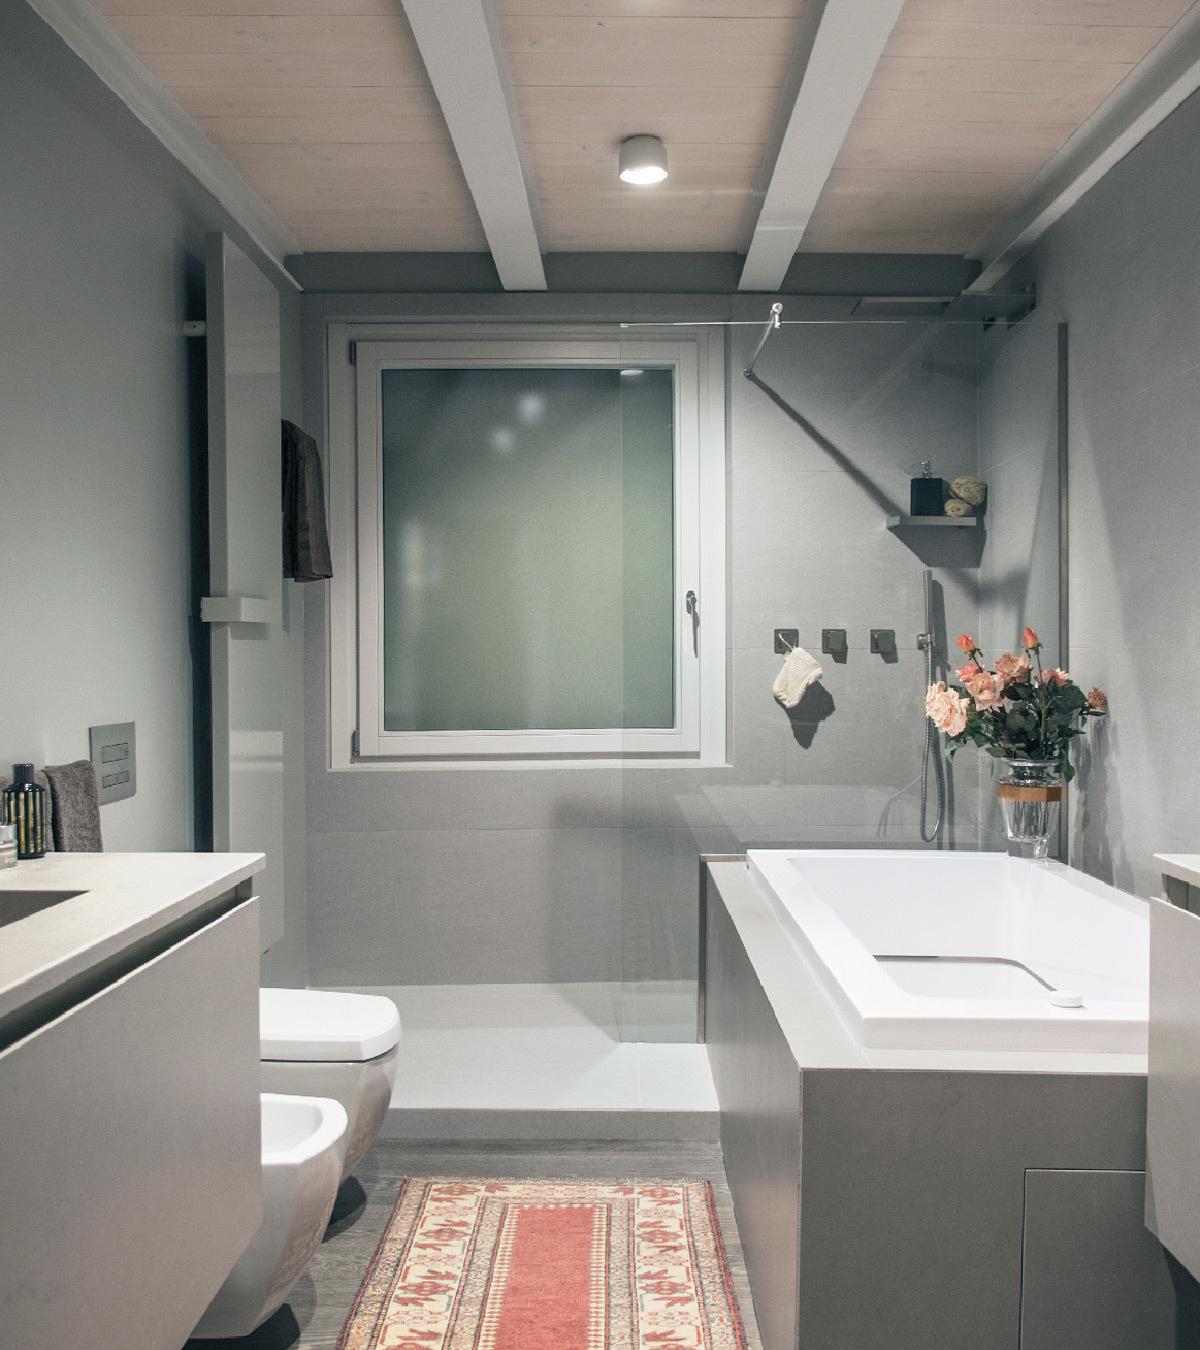 Lampada Sopra Specchio Bagno come progettare l'illuminazione a led per il bagno - blog